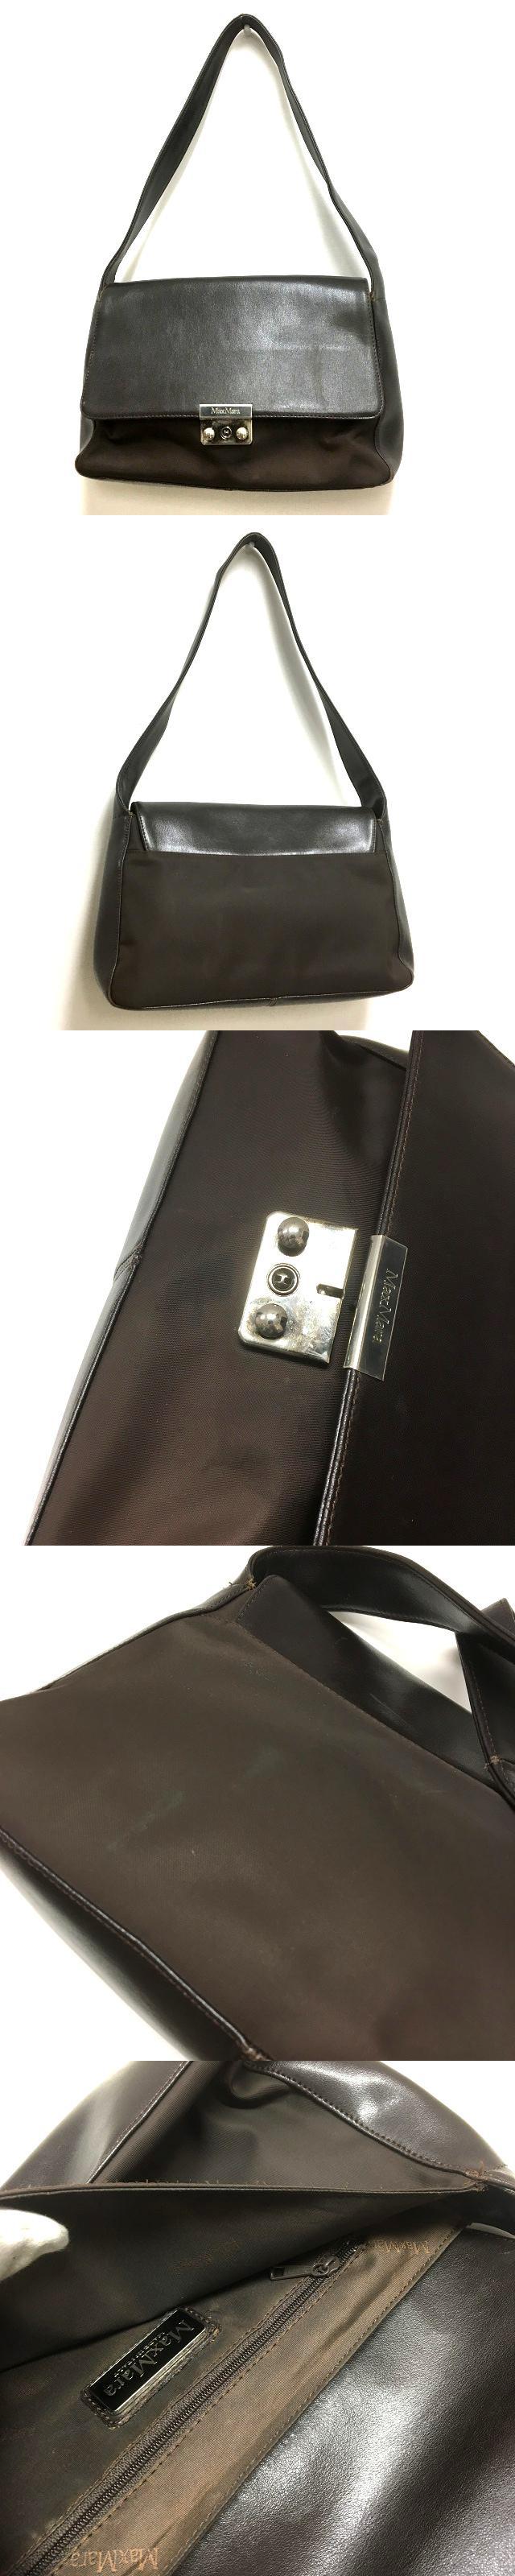 レザー×ナイロン ワンショルダーバッグ 鞄 ダークブラウン 茶 SSAW